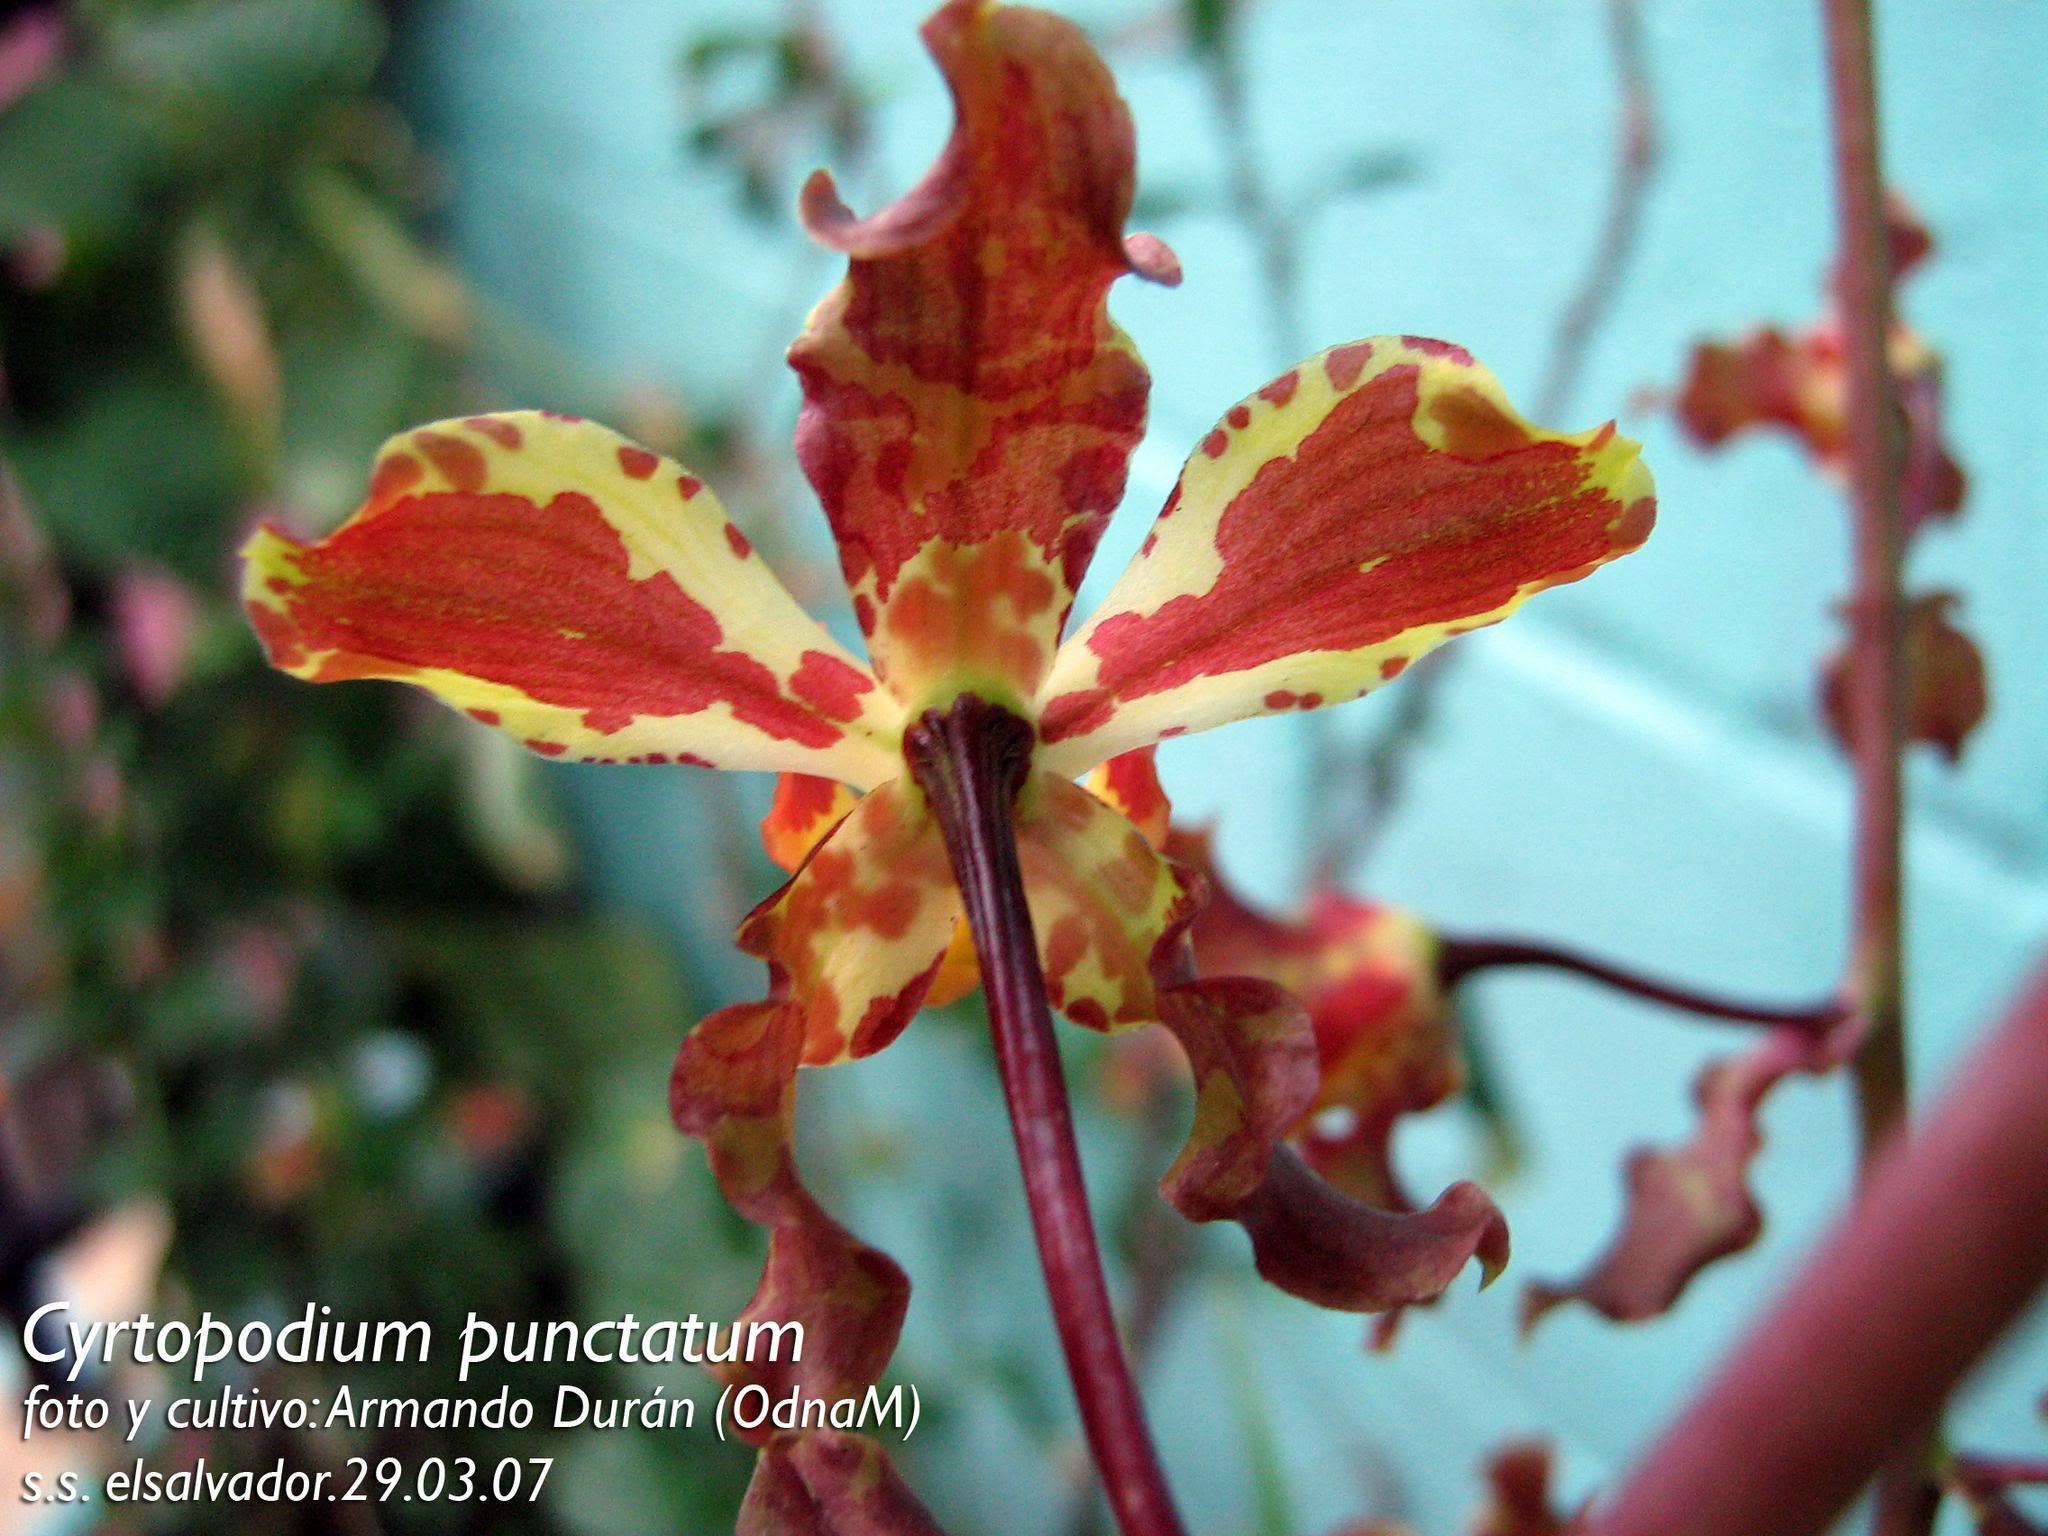 Cyrtopodiumpunctatum2.jpg